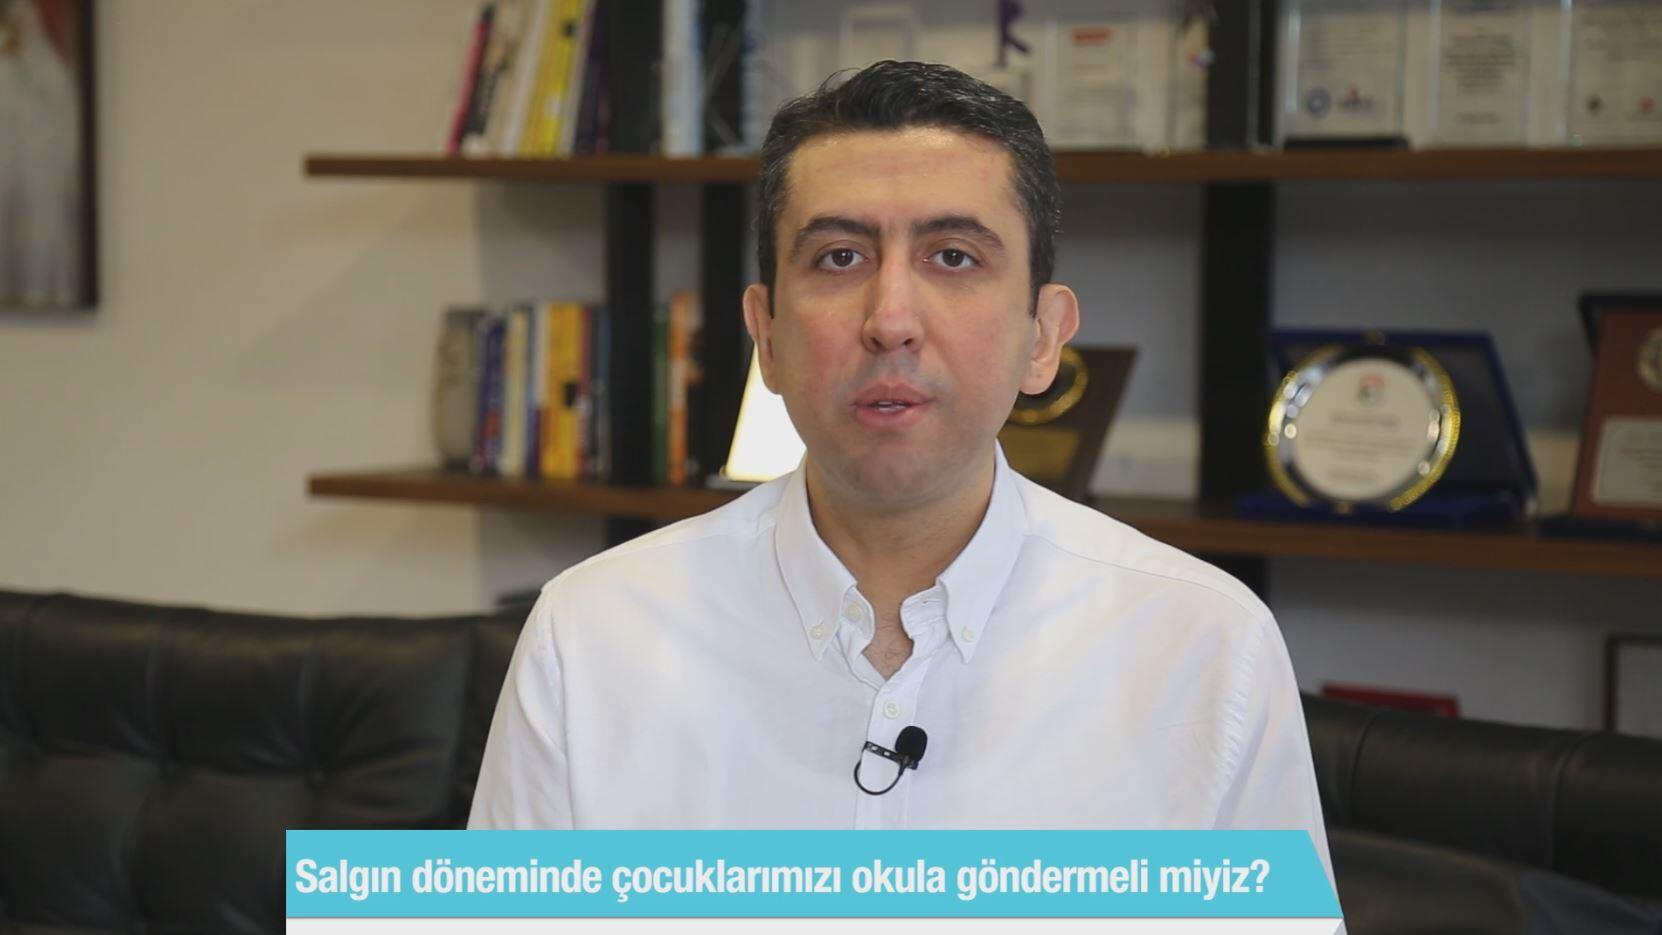 Eğitimci Abdulkadir Özbek cevaplıyor; Çocuklarda konsantrasyon becerisi nasıl geliştirilebilir?